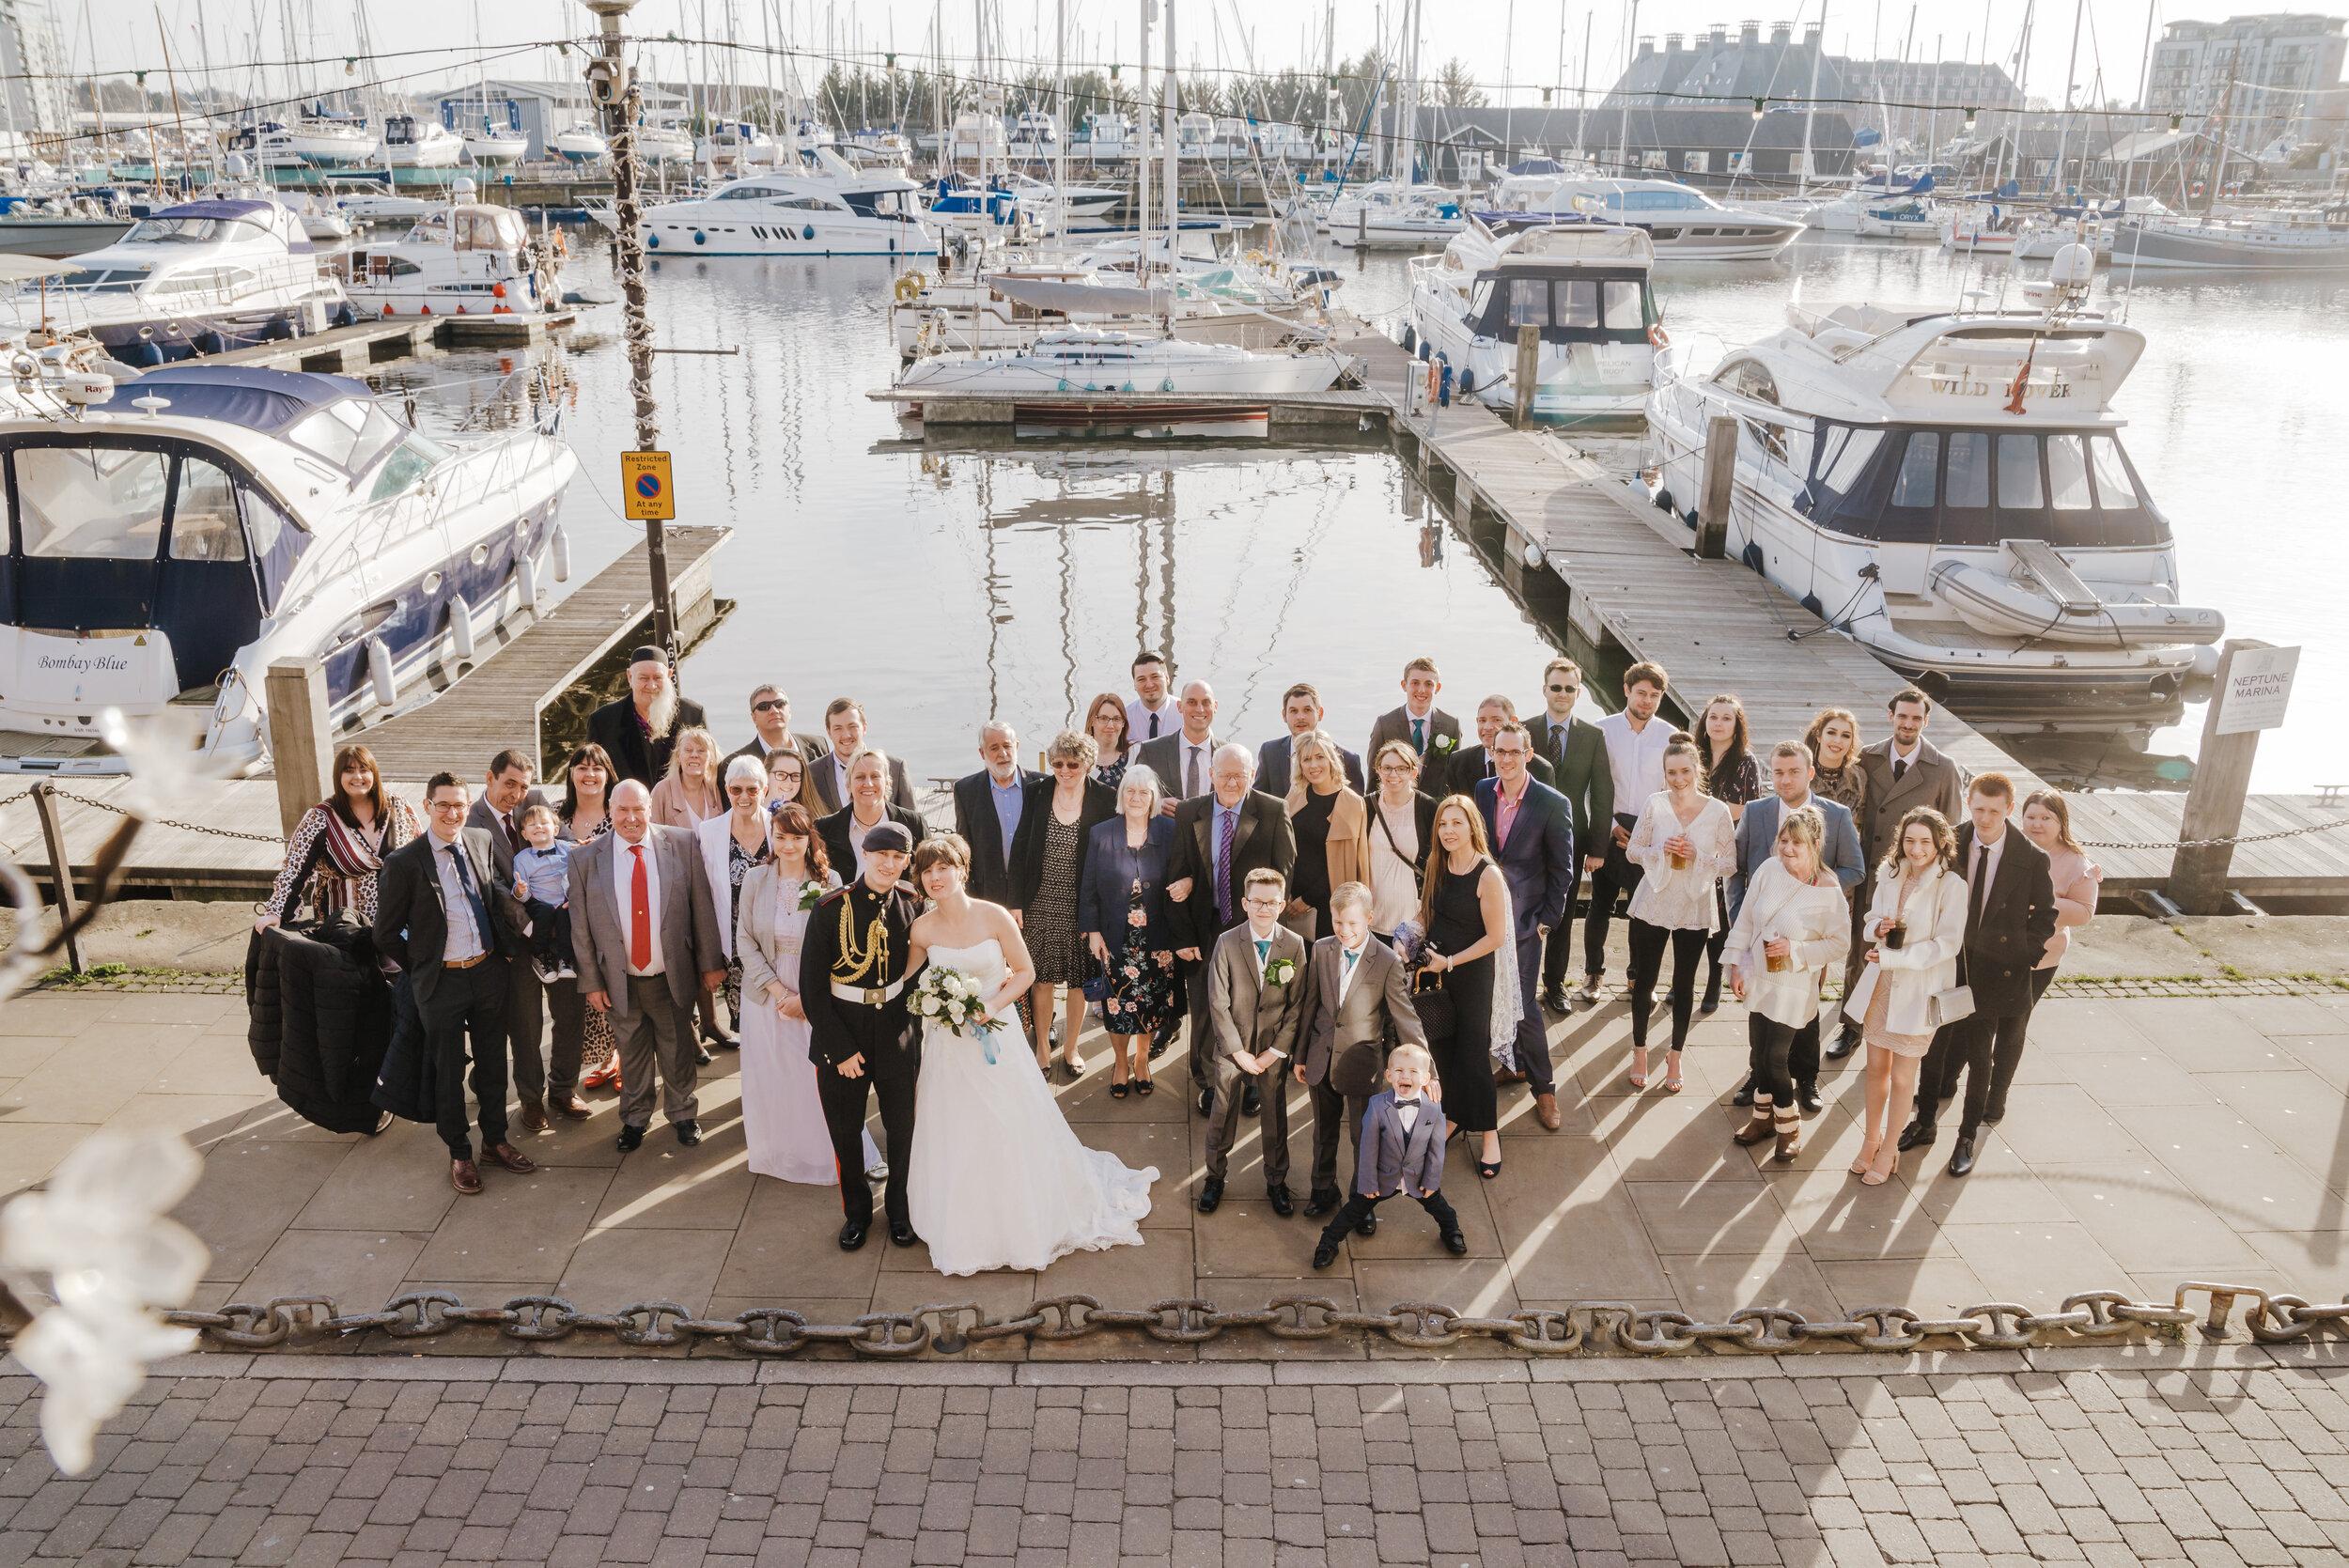 SUFFOLK_WEDDING_PHOTOGRAPHY_ISAACS_WEDDING_VENUE_WEDDINGPHOTOGRAPHERNEARME_iPSWICHWEDDINGPHOTOGRAPHER (53).jpg